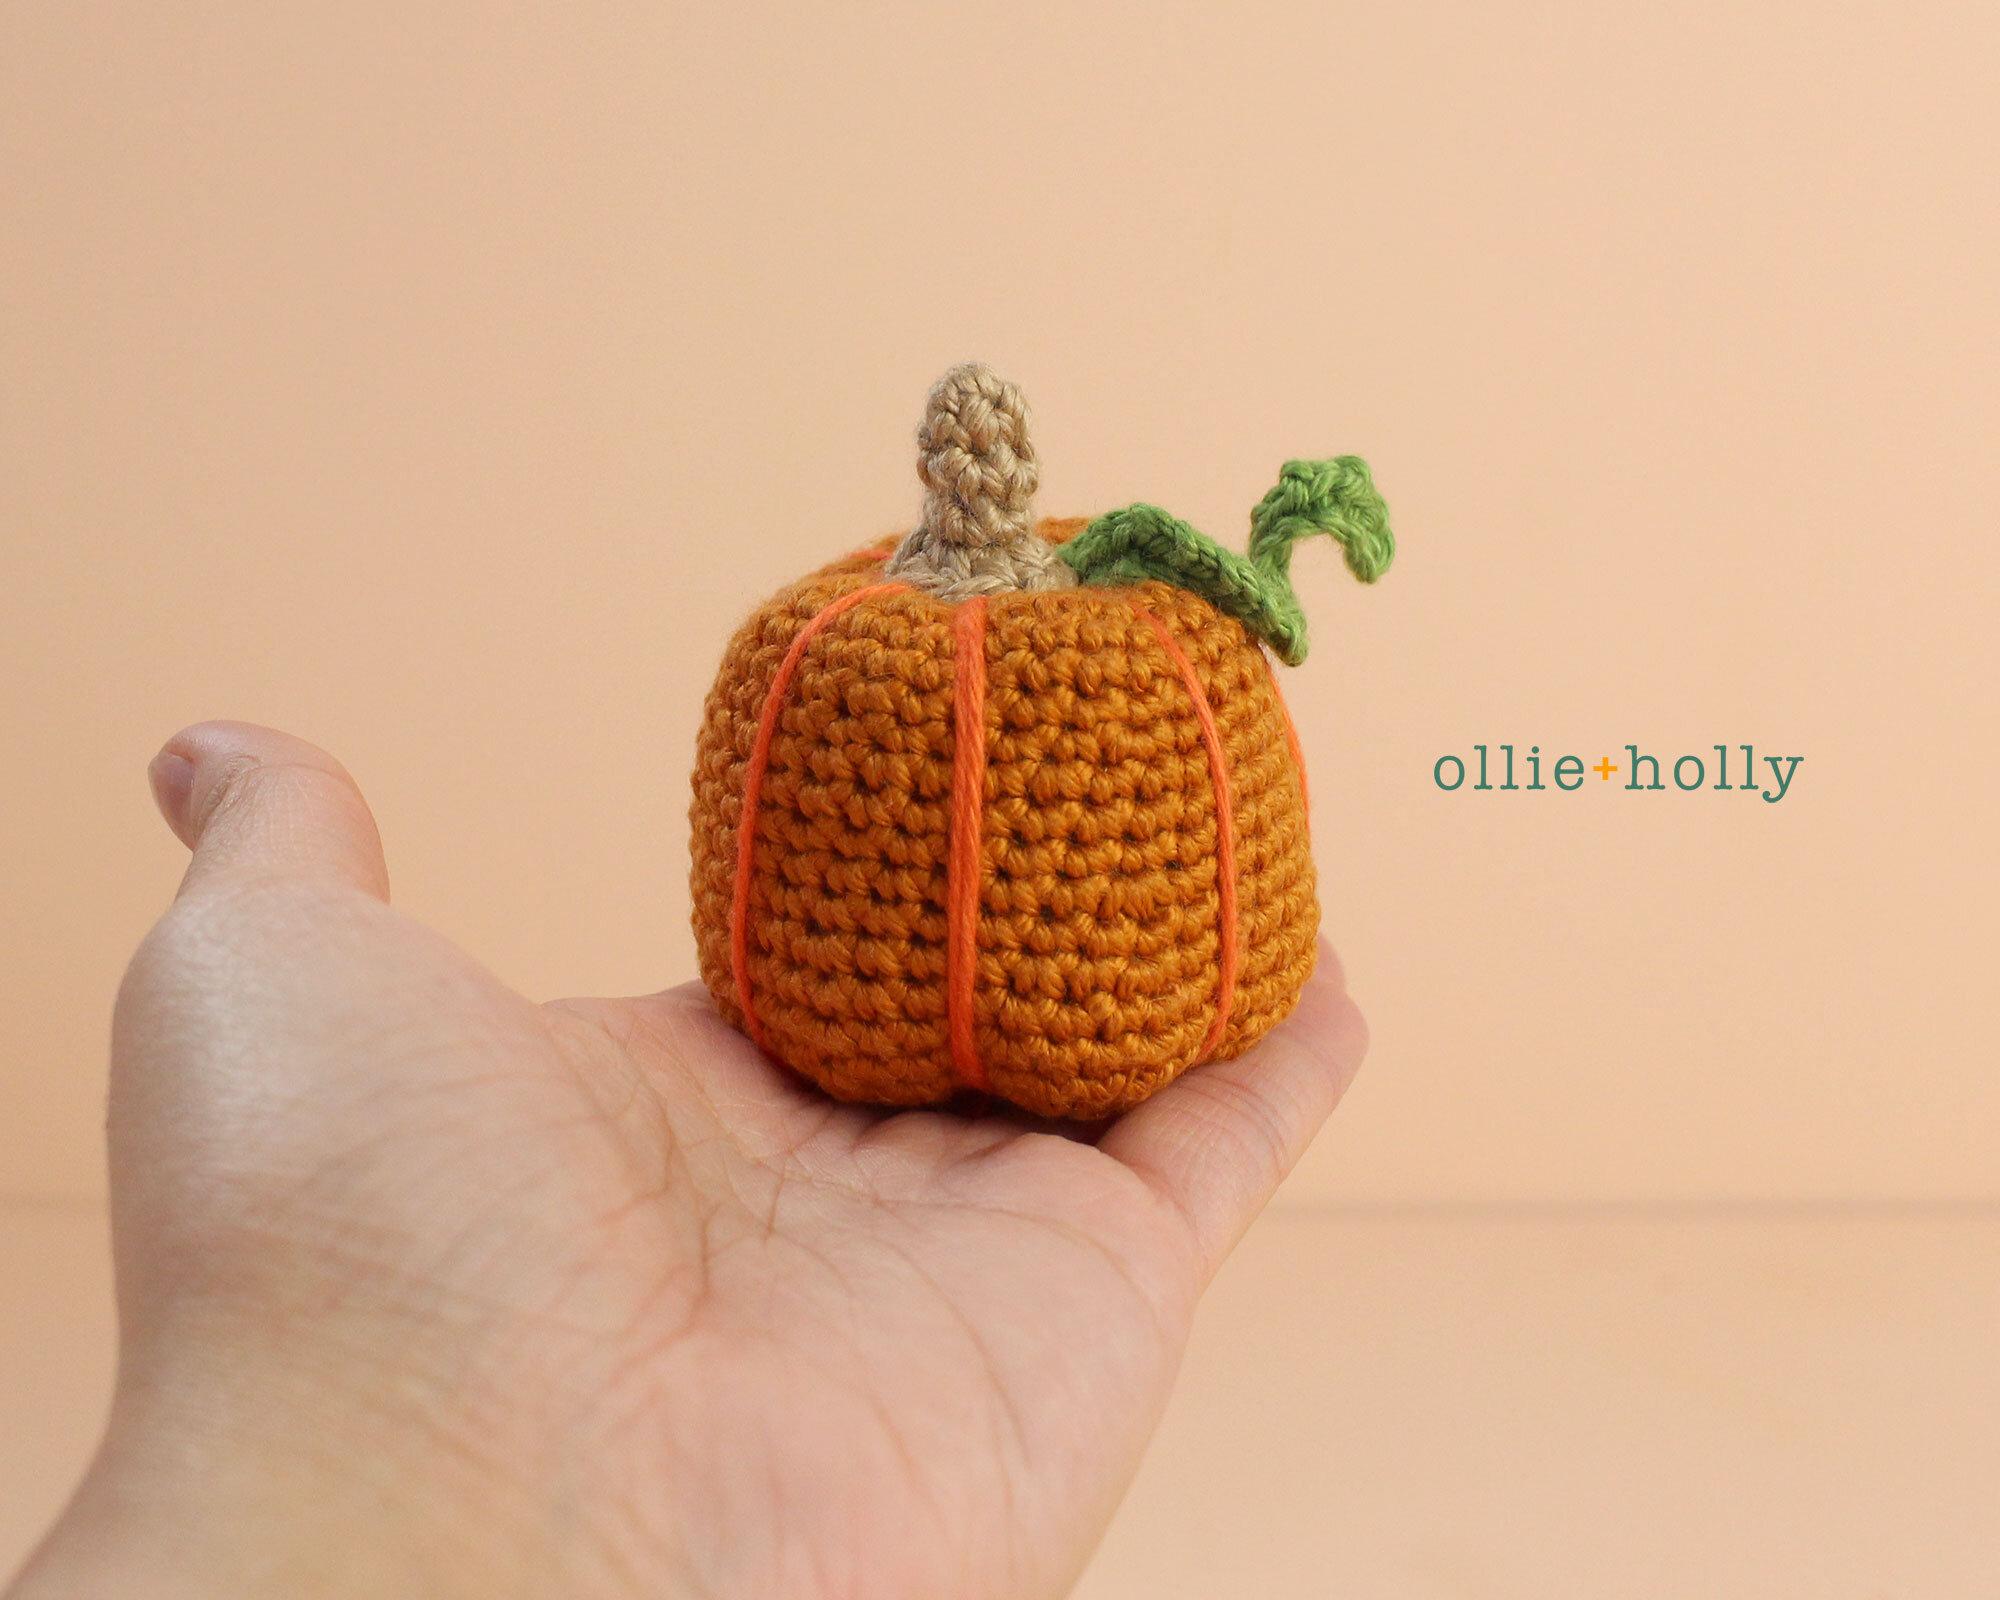 Free Jack-o'-Lantern Pumpkin Ornament Amigurumi Crochet Pattern Step 9